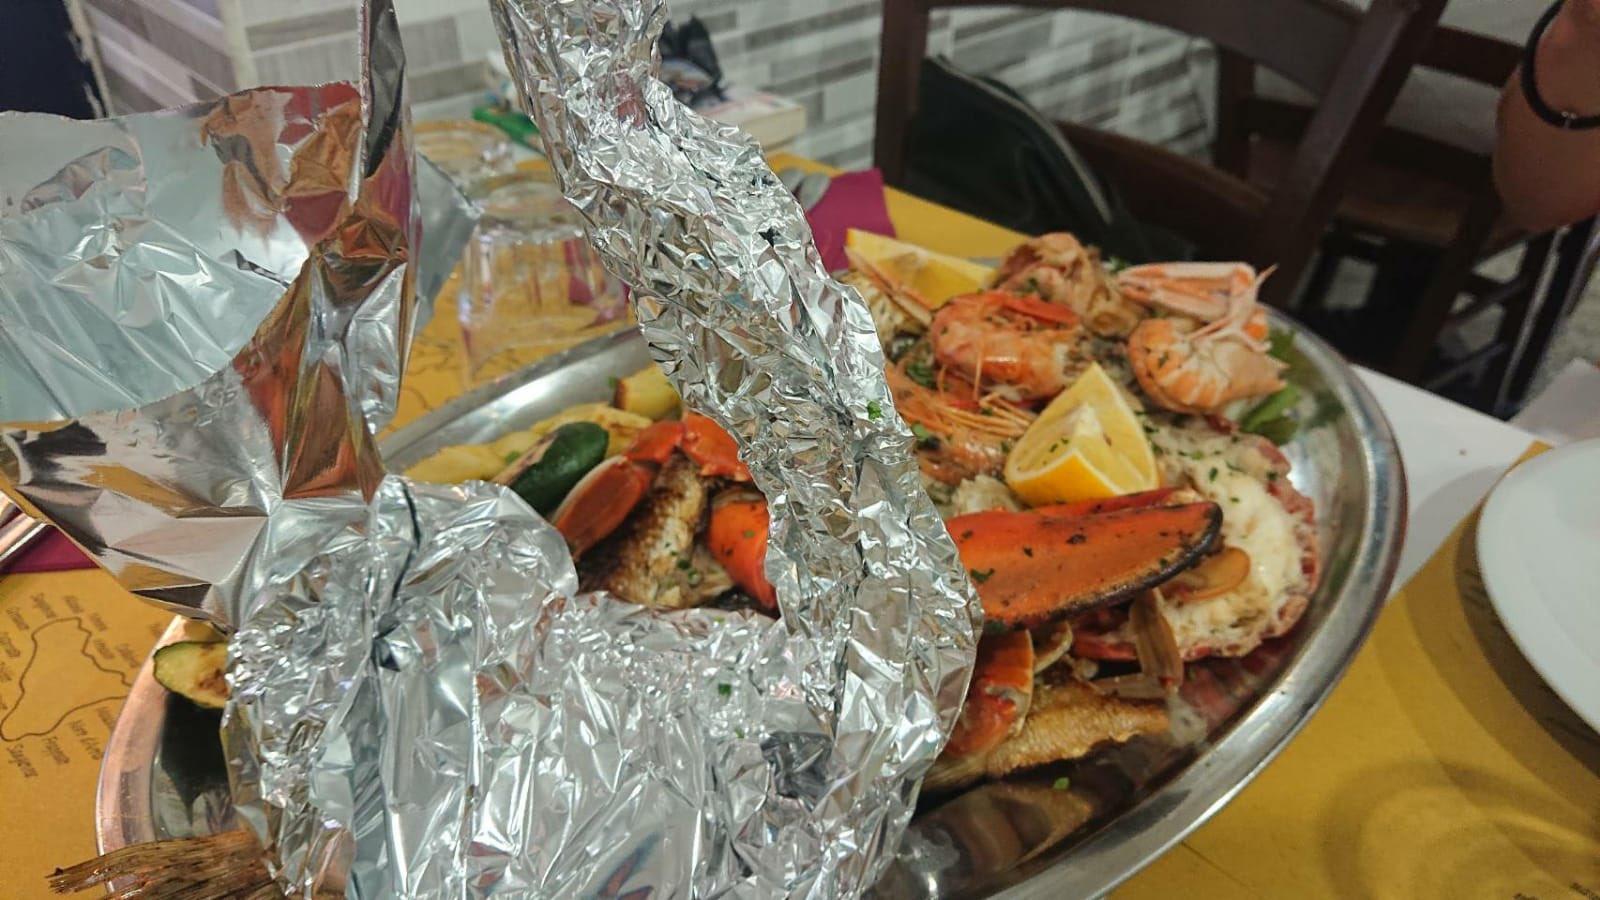 Πιάτο με θαλασσινά σε εστιατόριο